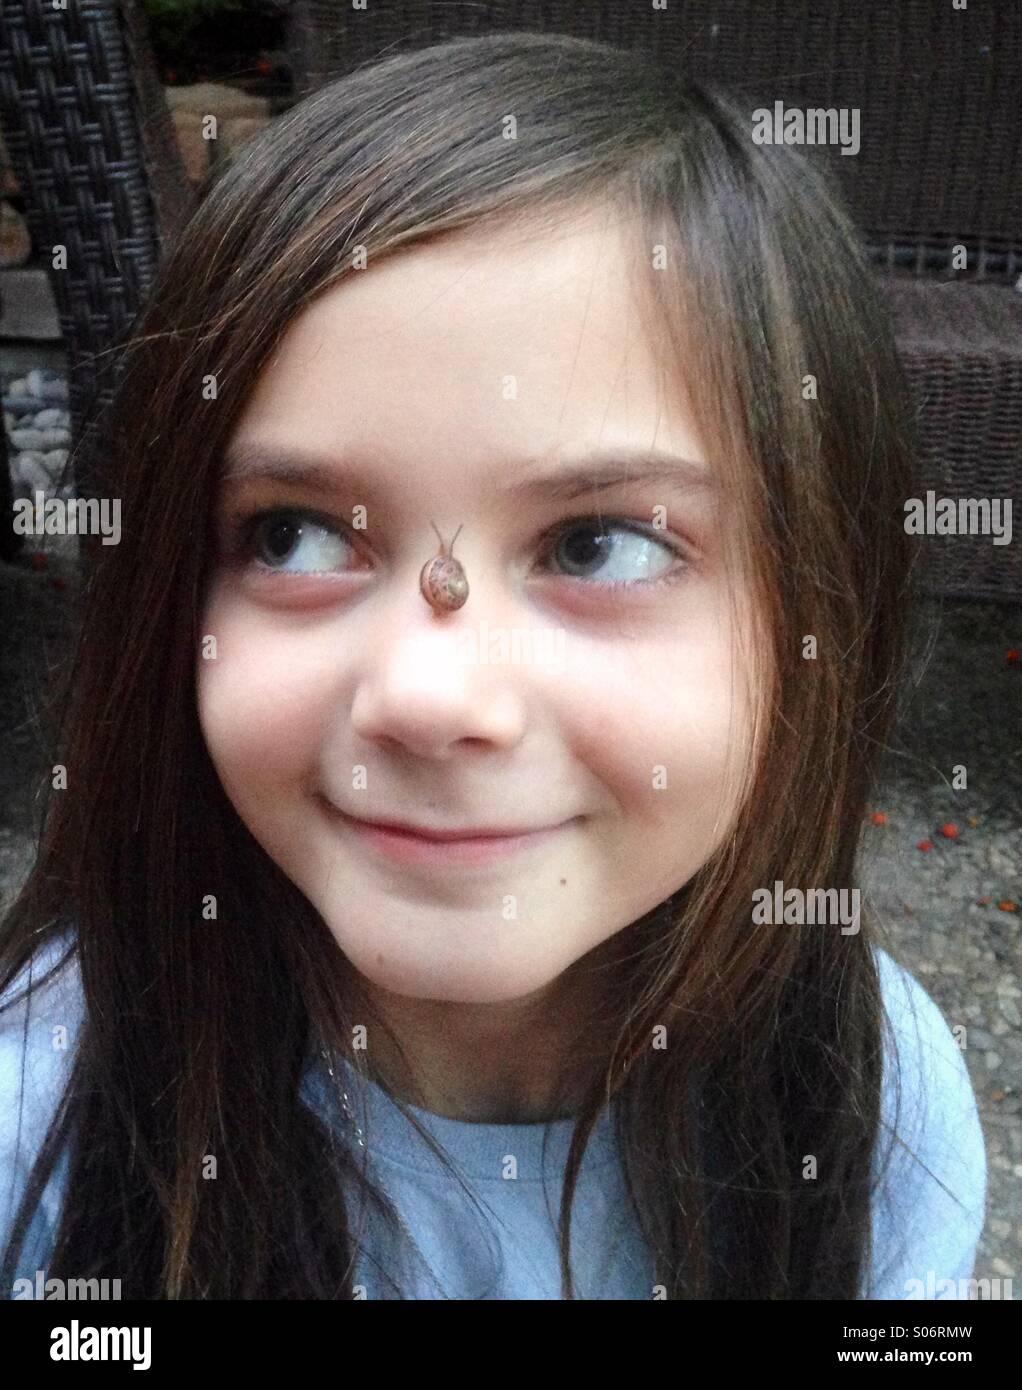 Una joven chica encantadora Sonrisas con un pequeño caracol en su nariz. Imagen De Stock